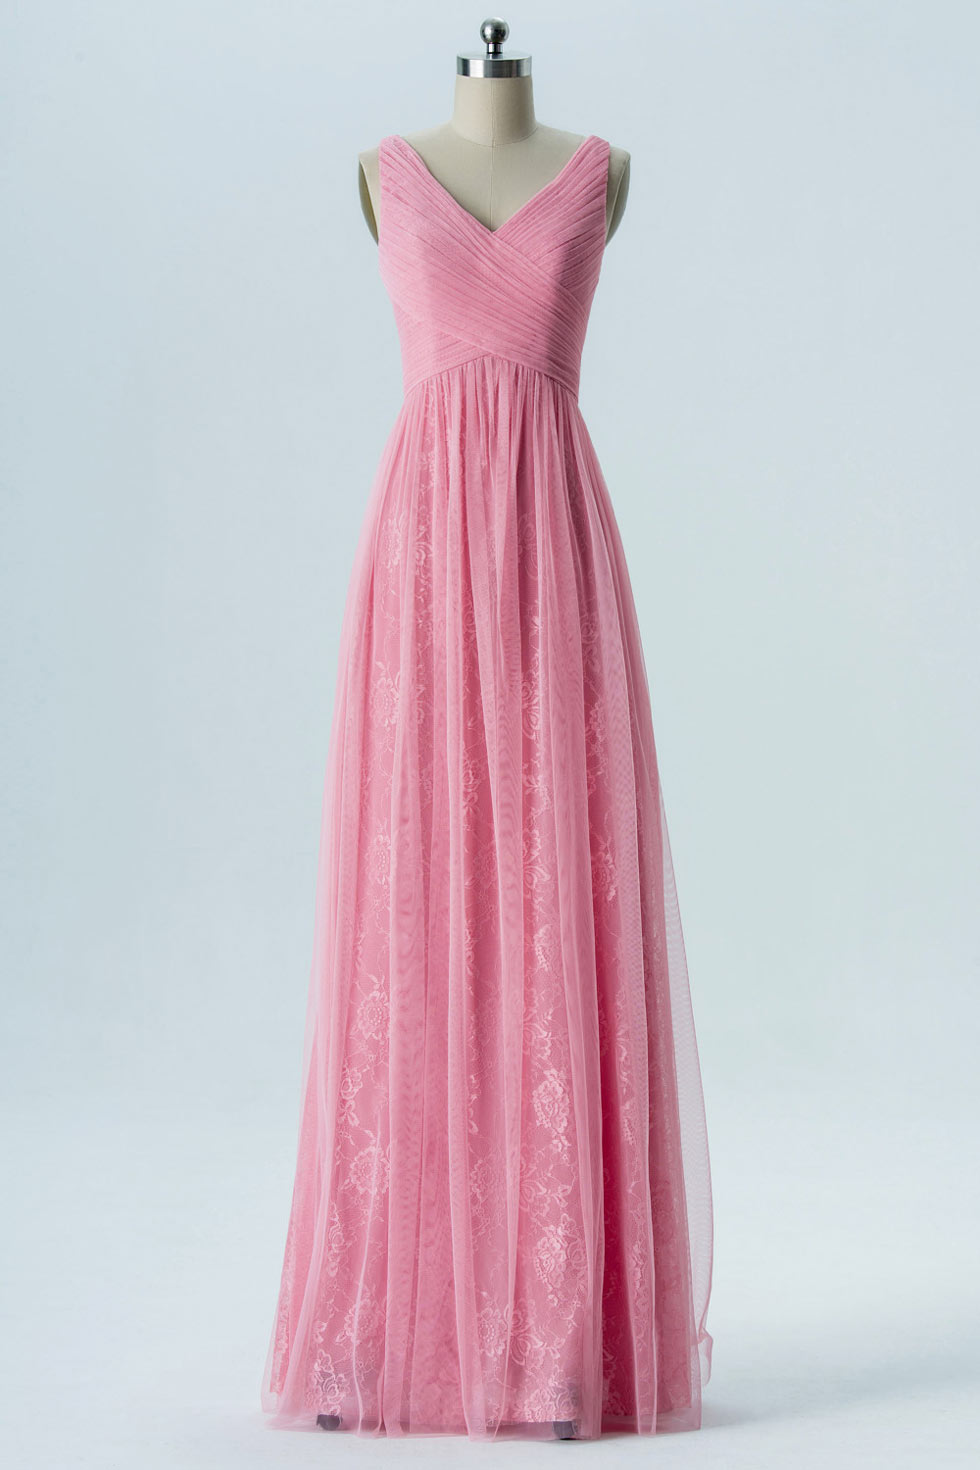 4924daf983578 Robe rose flamingo cortège mariage longue col v en dentelle   tulle ...